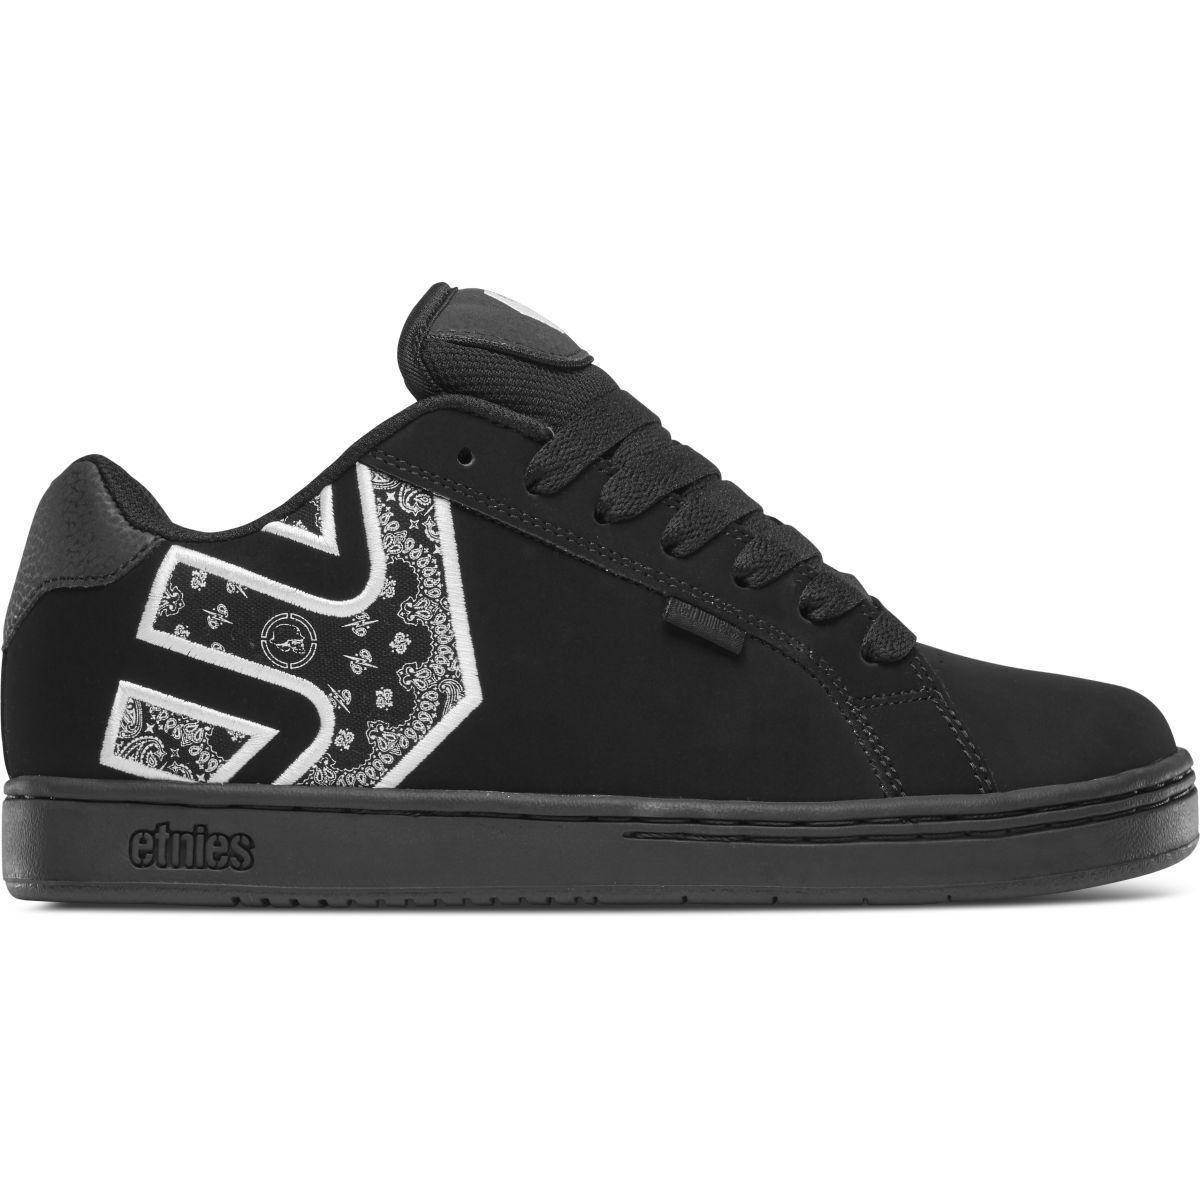 ETNIES Nuevo Hombre Metal Mulisha Fader Zapatos Negro blancoo Bnwt